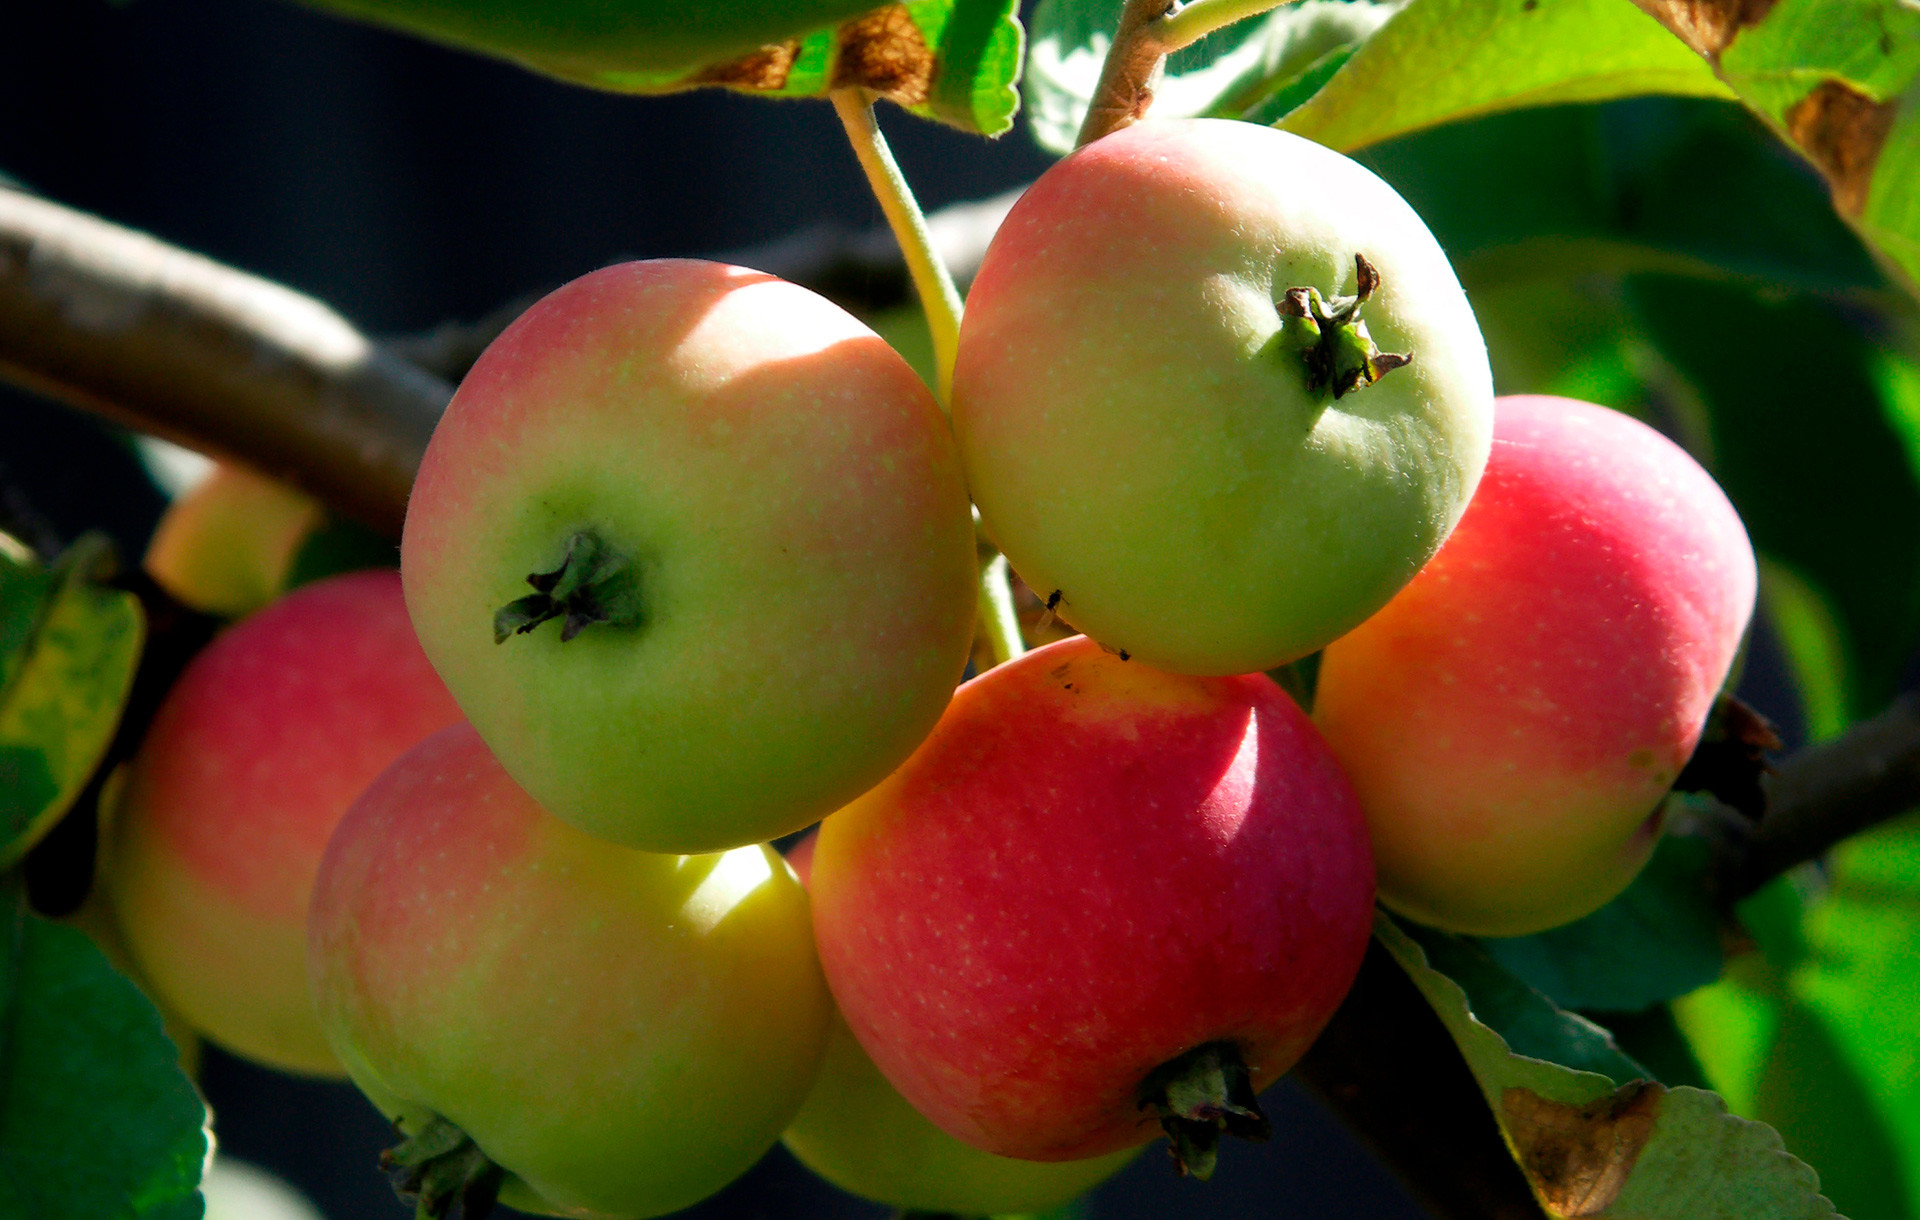 レネットとはリンゴの一種である。